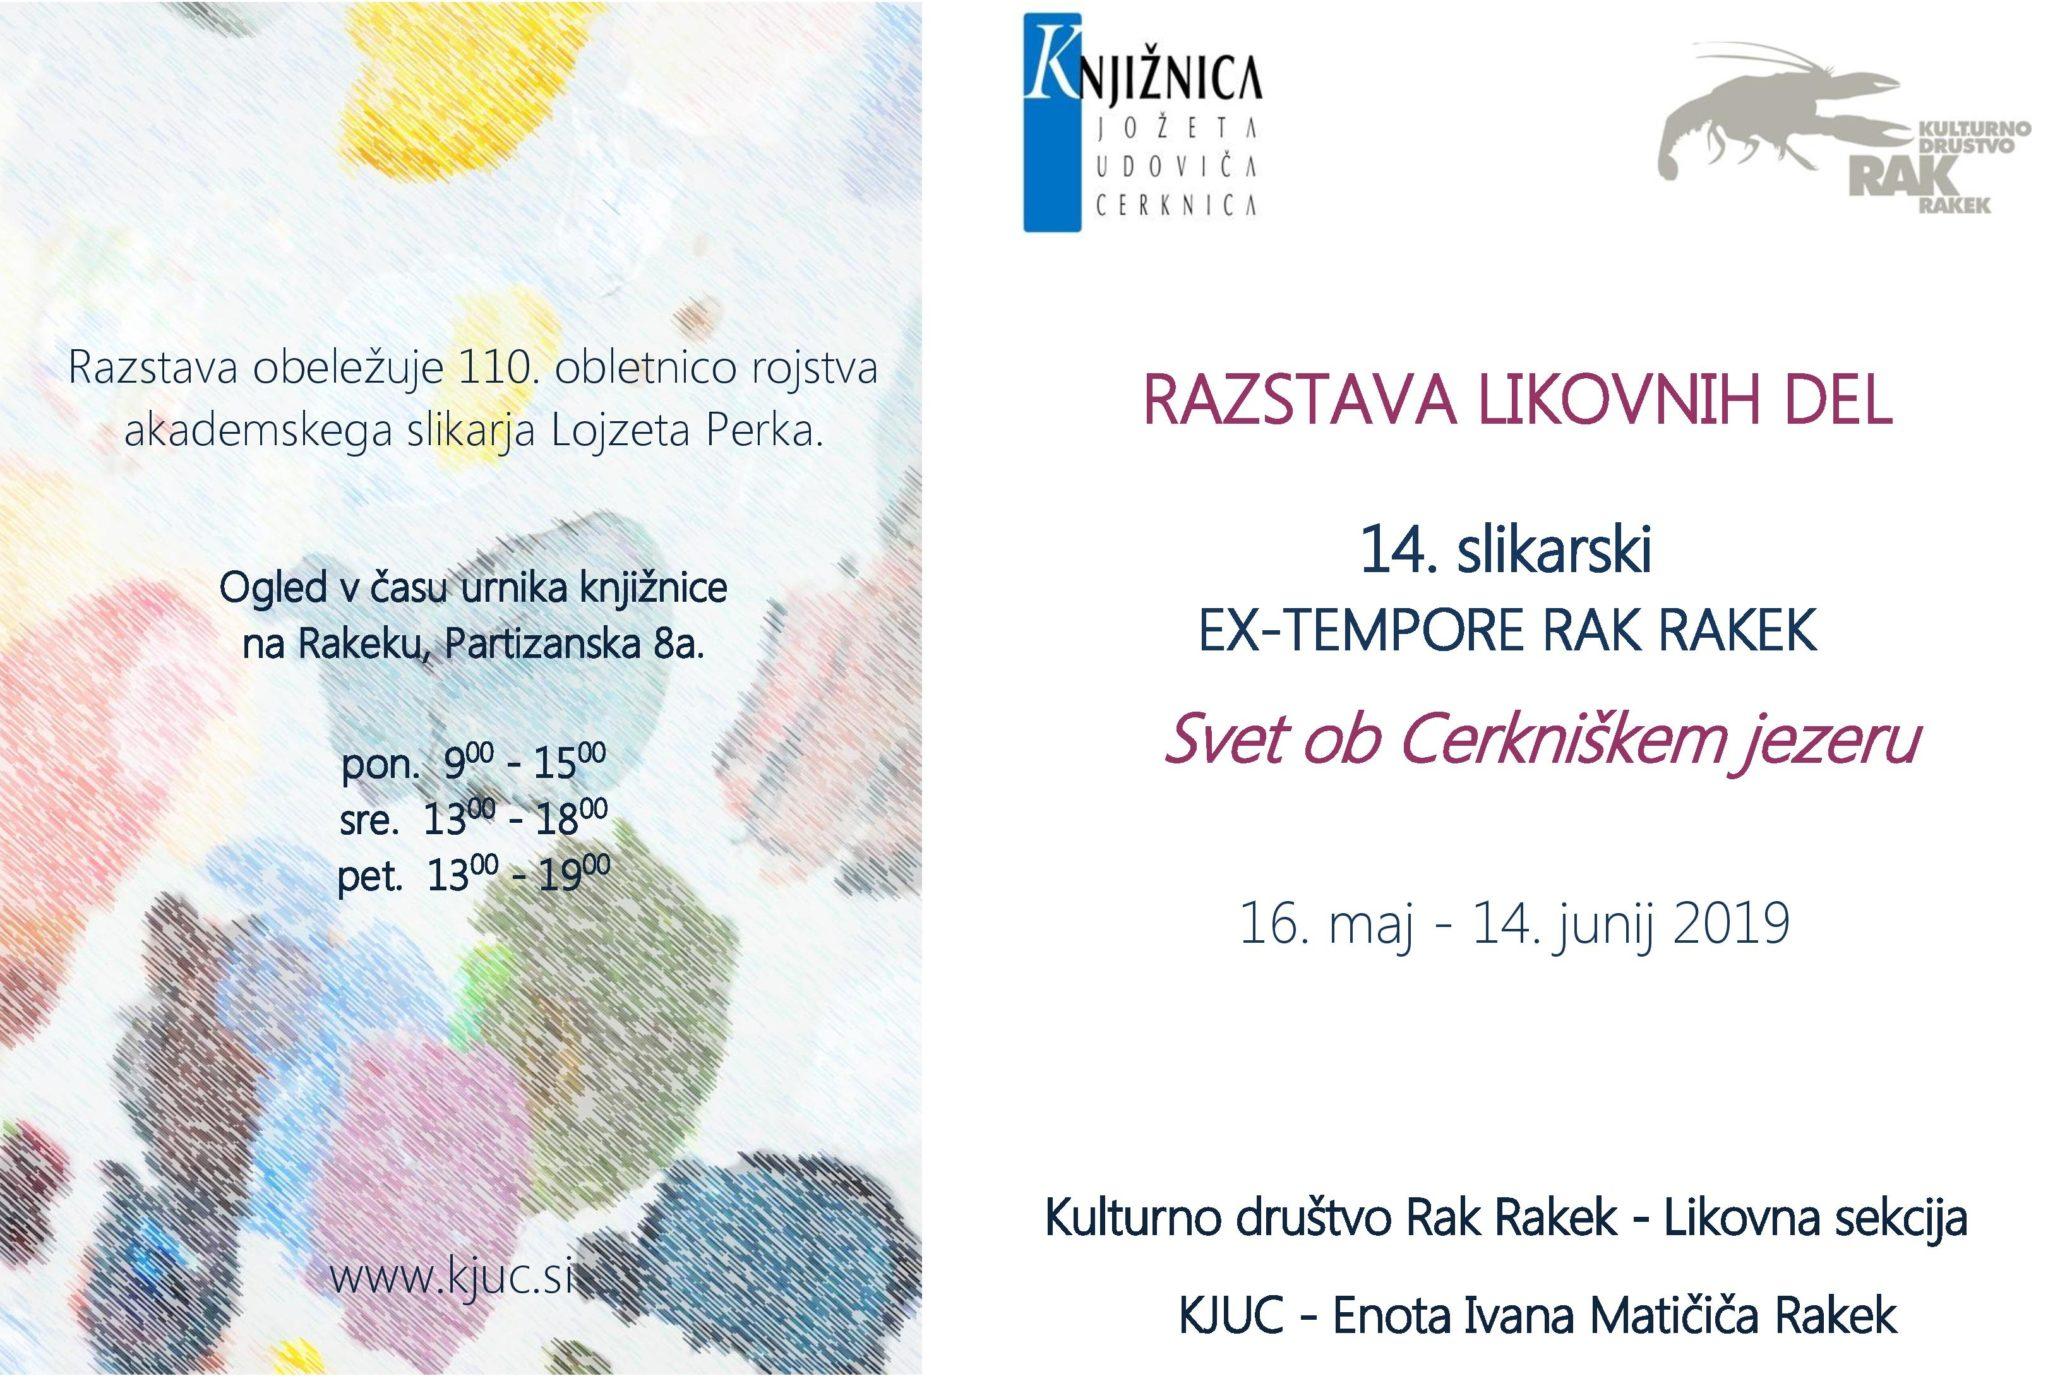 cover 4 - 14. slikarski Ex-tempore Rak Rakek – razstava likovnih del